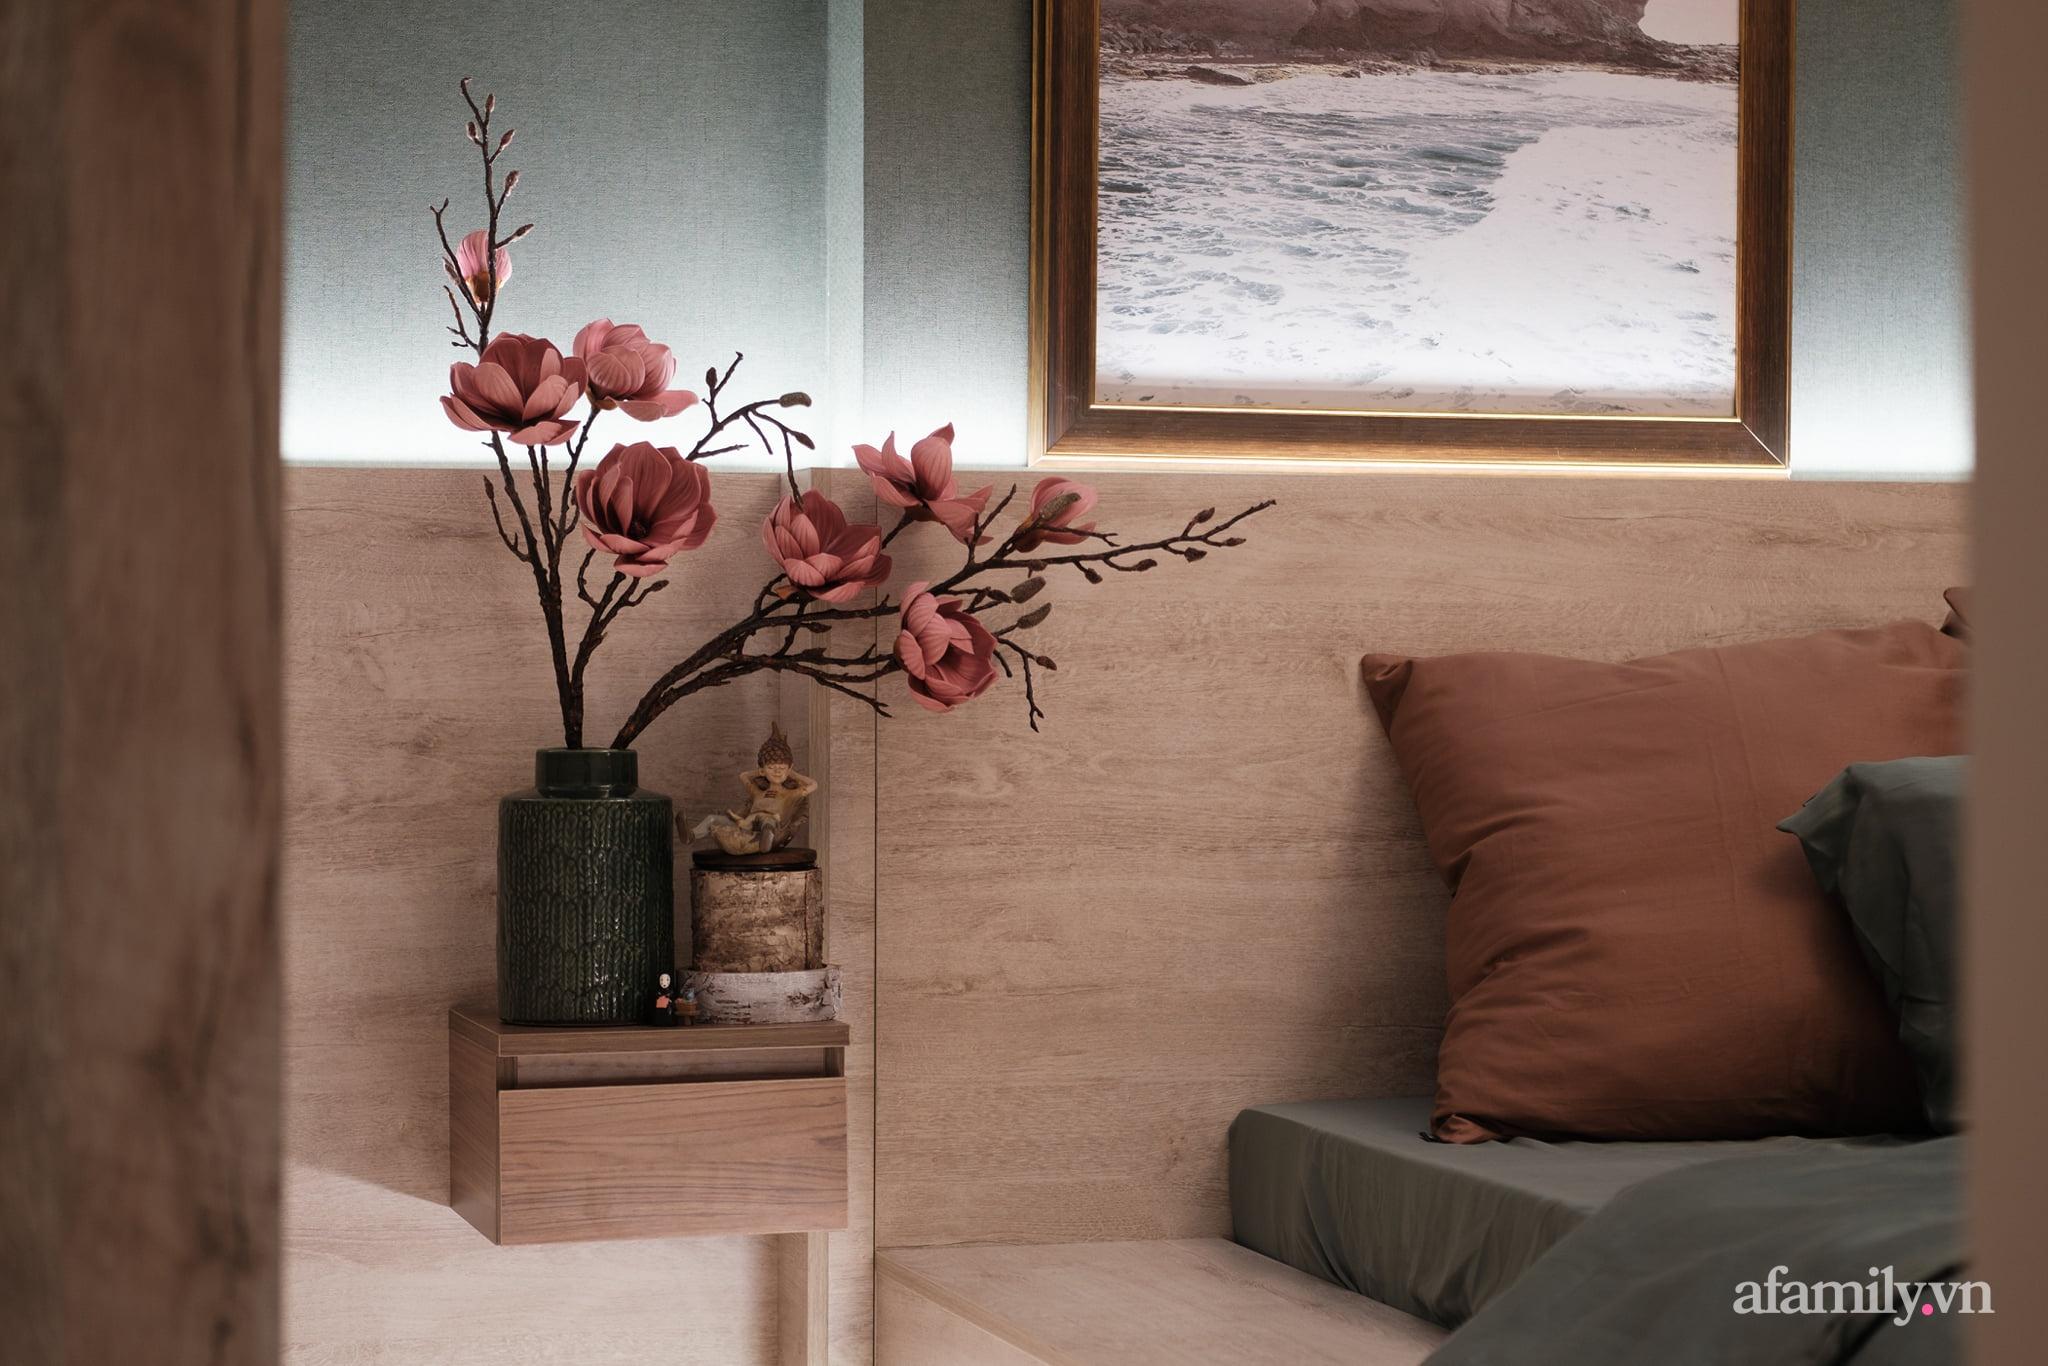 Căn hộ 60m² đẹp tĩnh lặng và tinh tế mang hơi thở của Zen ở quận 7 Sài Gòn - Ảnh 26.